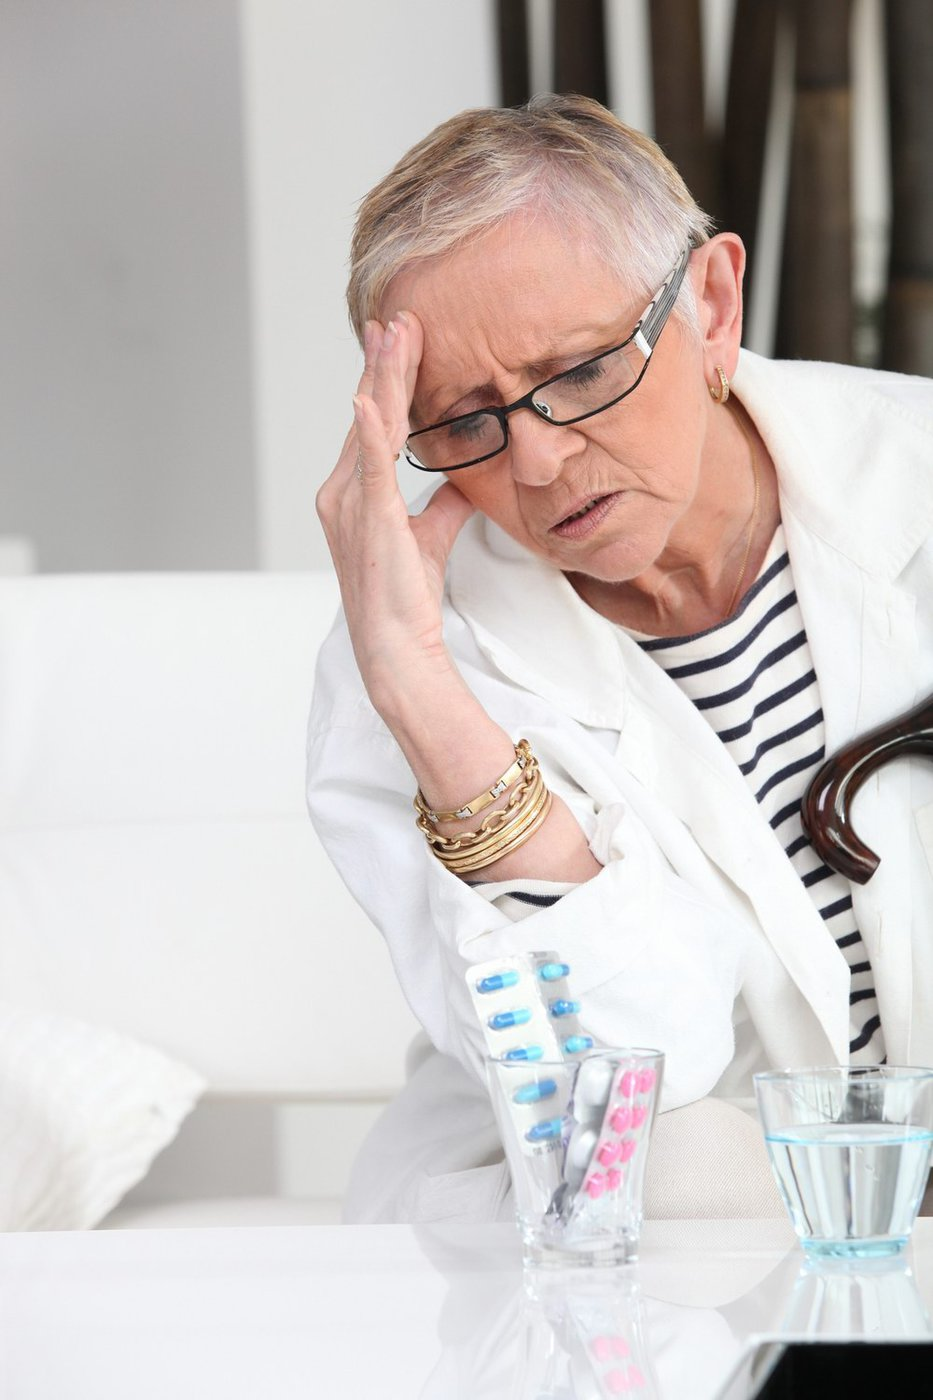 V kolika se v EU chodí do důchodu? Češi ze srovnání vyšli špatně - anotační foto